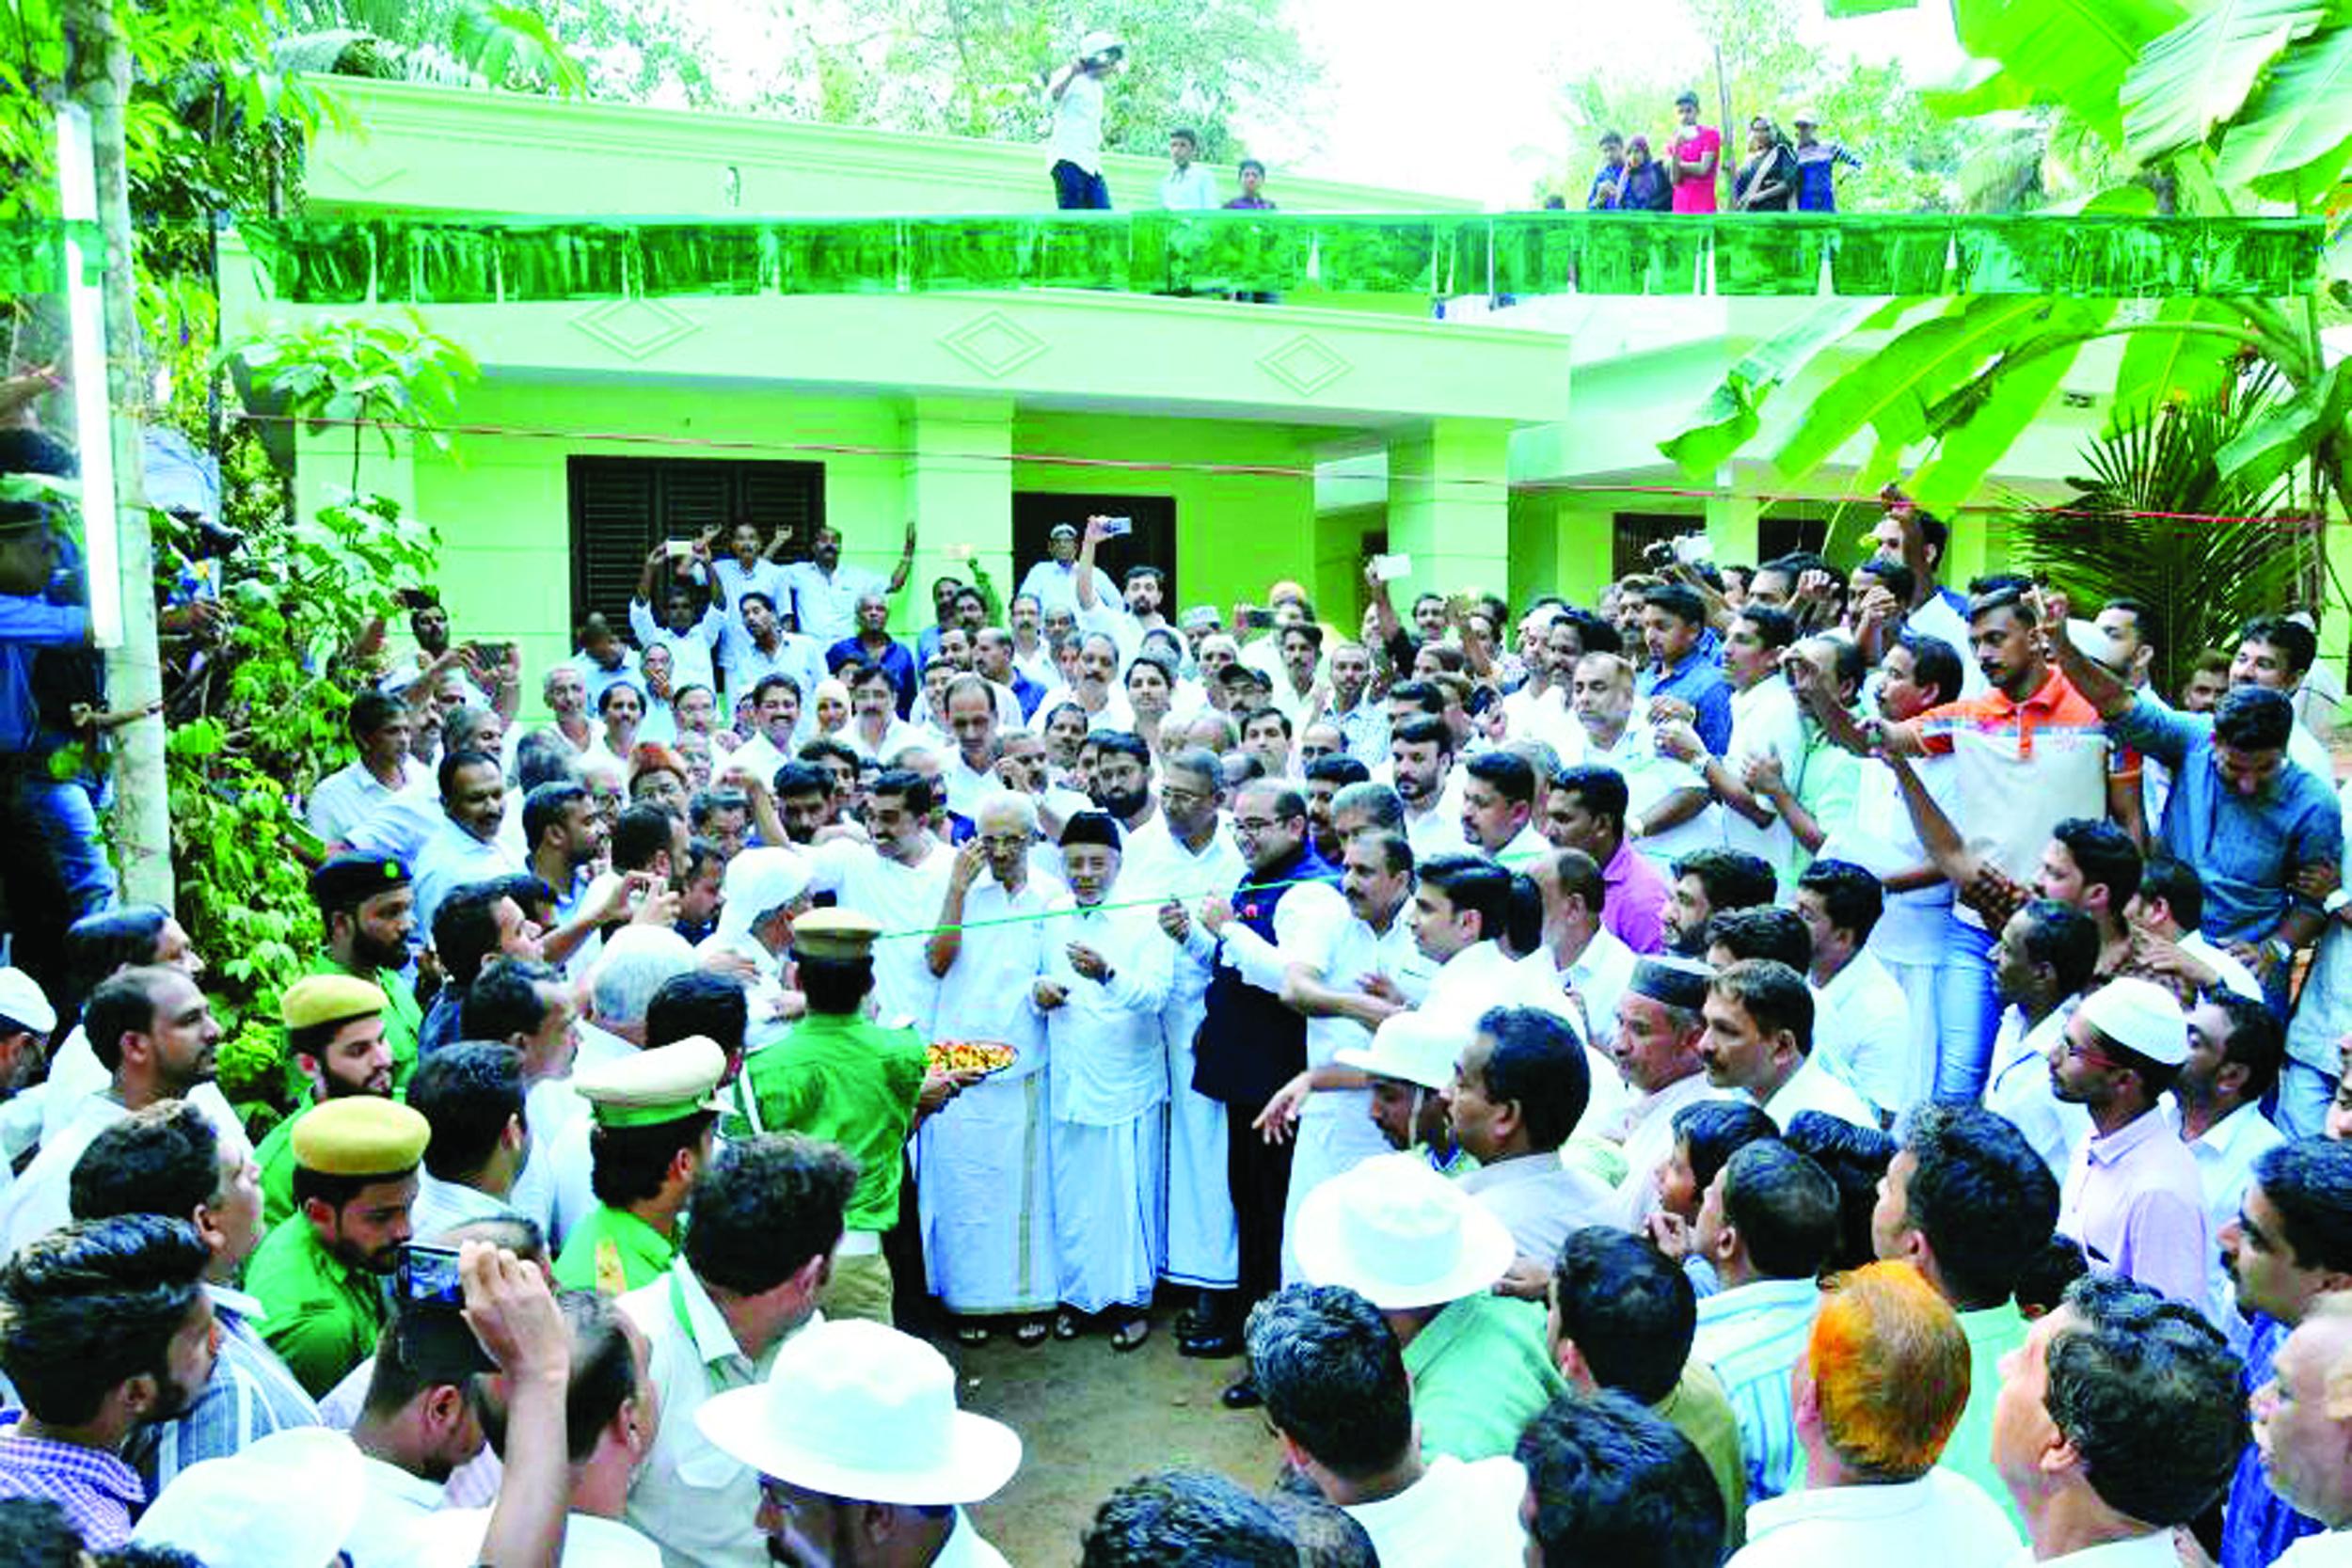 25 കുടുംബങ്ങള്ക്ക് അനുഗ്രഹമായി  ചേലക്കാട് ബൈത്തു റഹ്മ വില്ലേജ് സഫലമായി